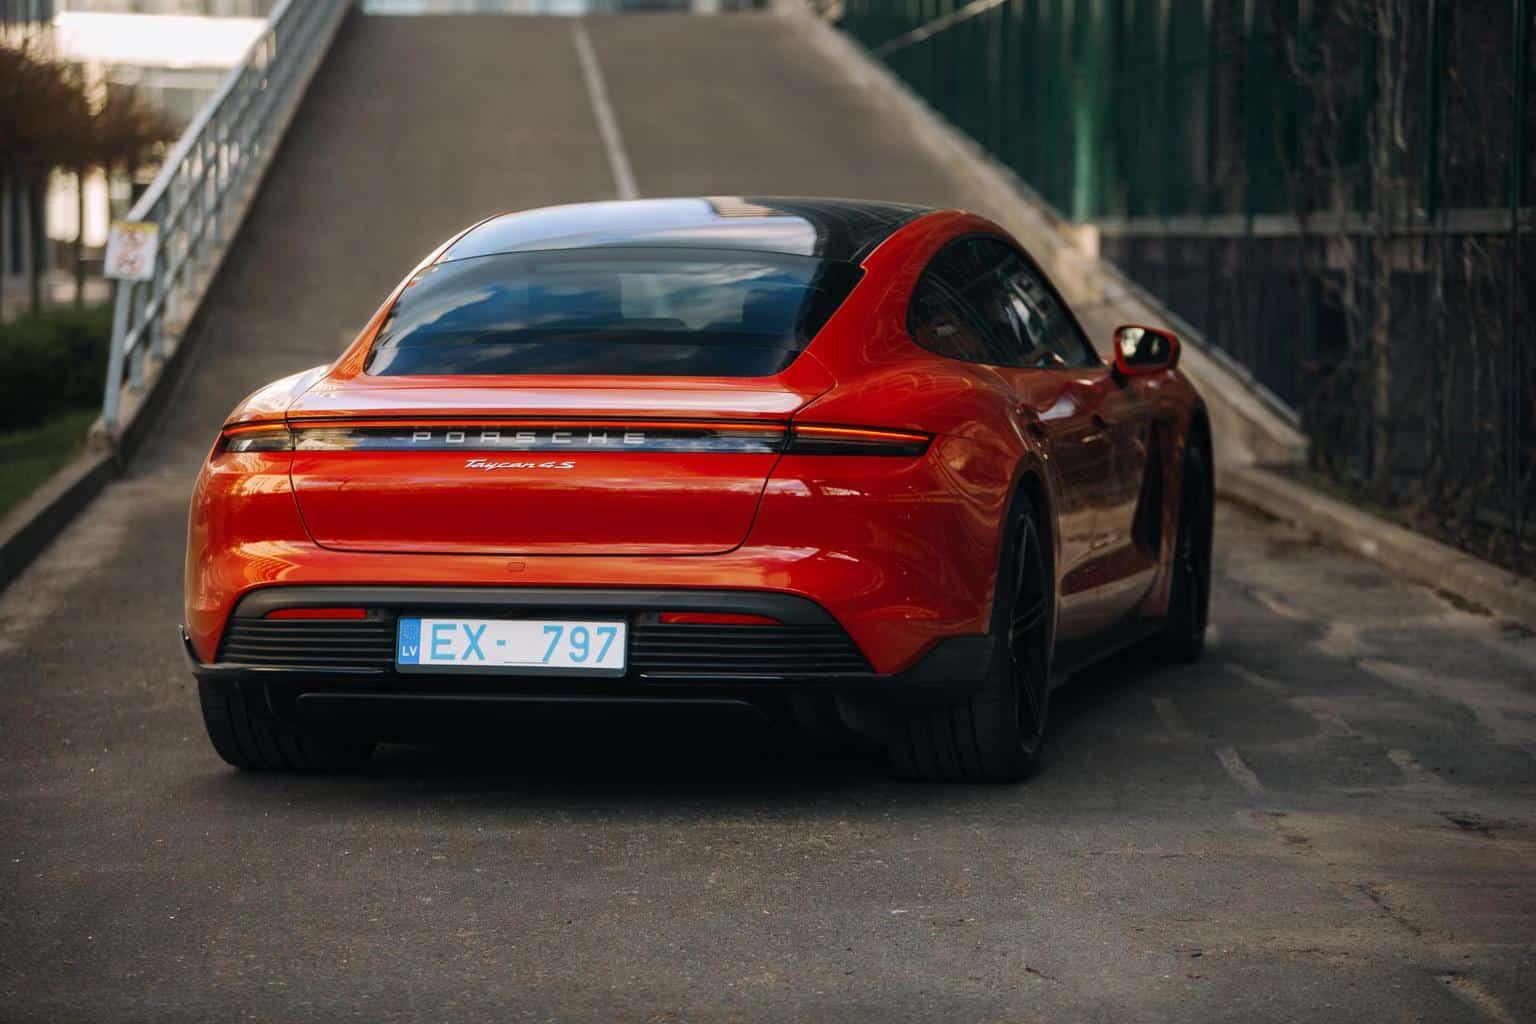 Porsche und Tesla trotzen Corona mit hohen Gewinnen pro Fahrzeug